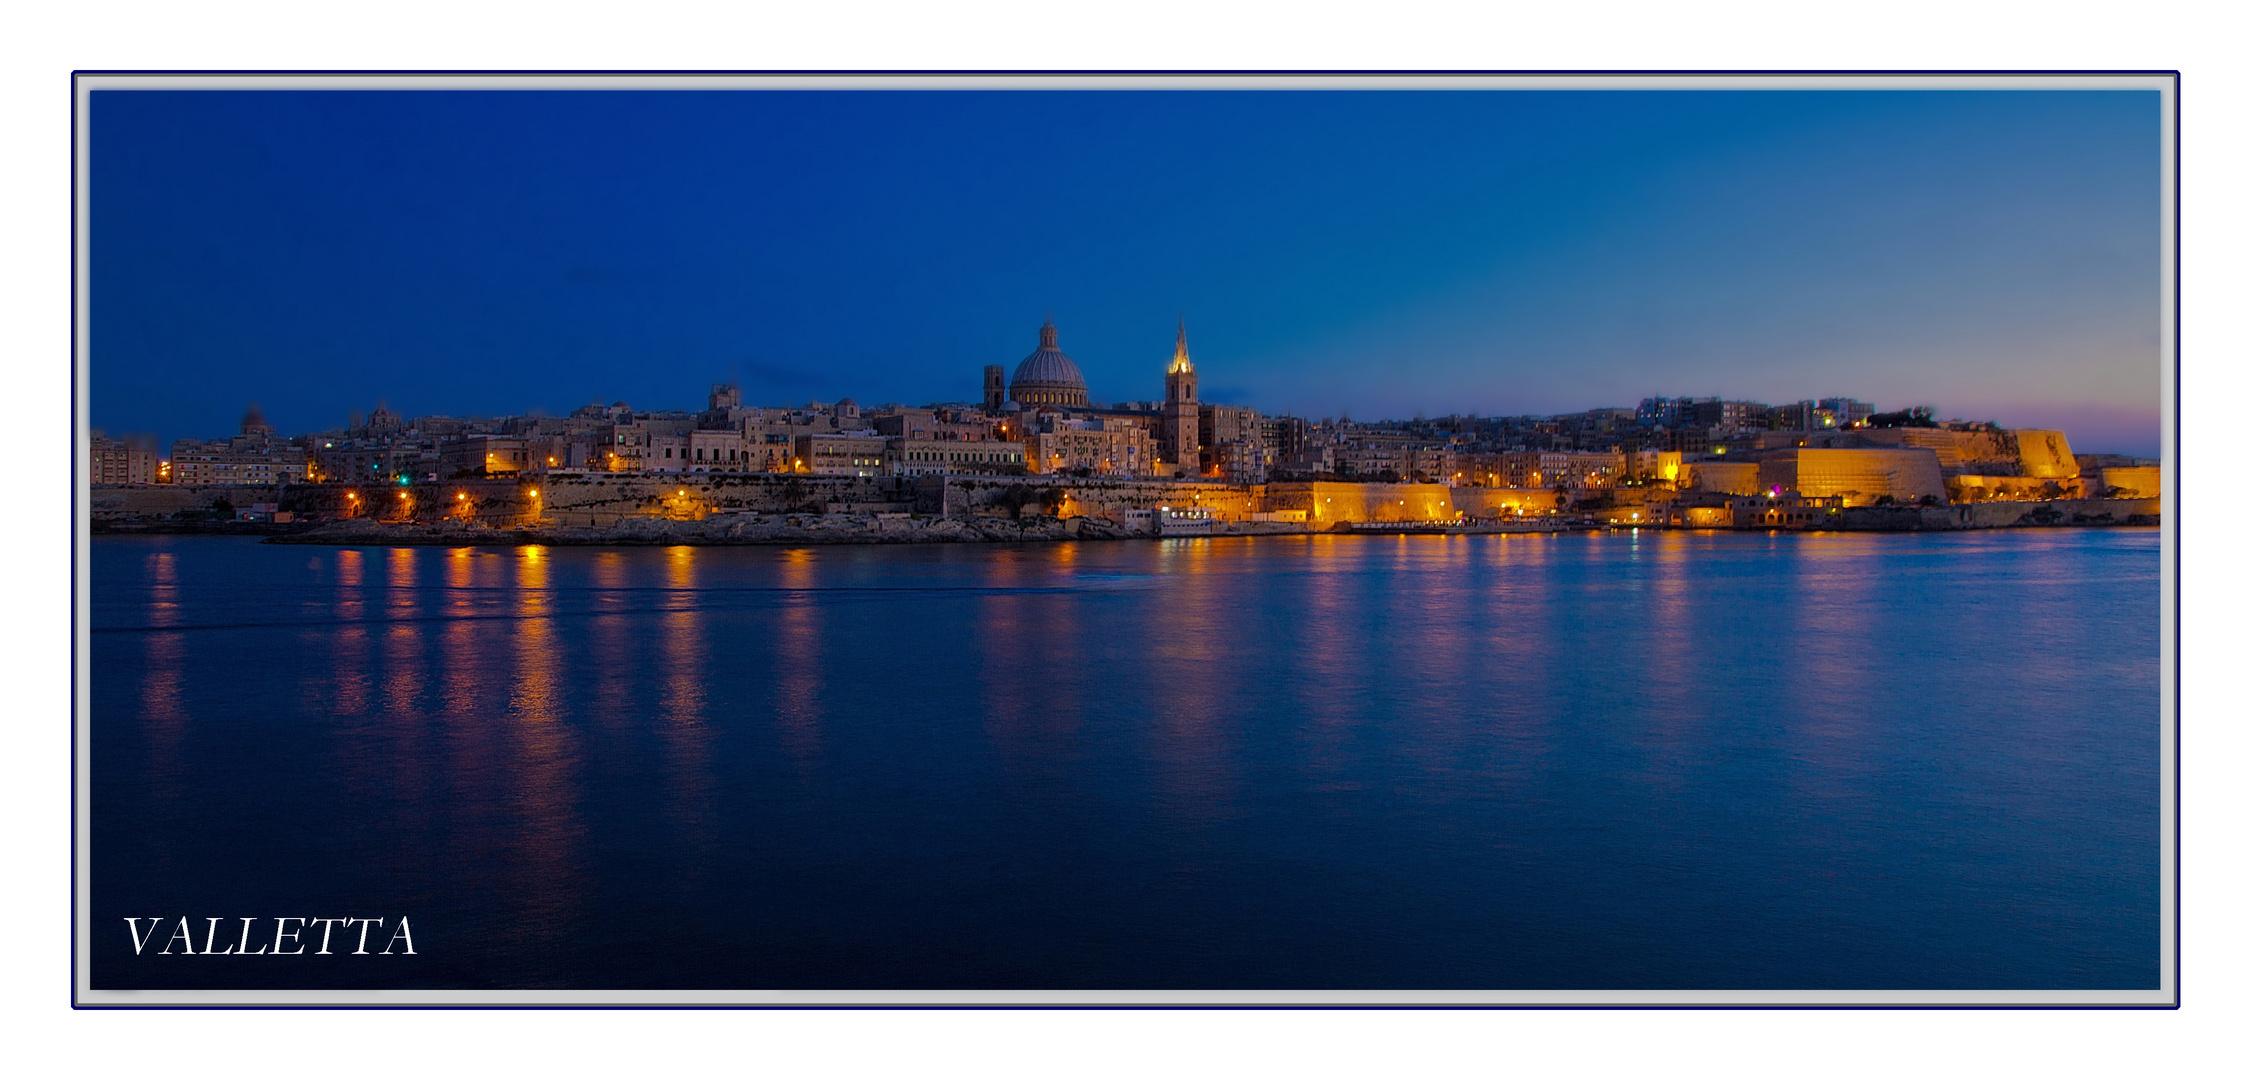 come to Malta